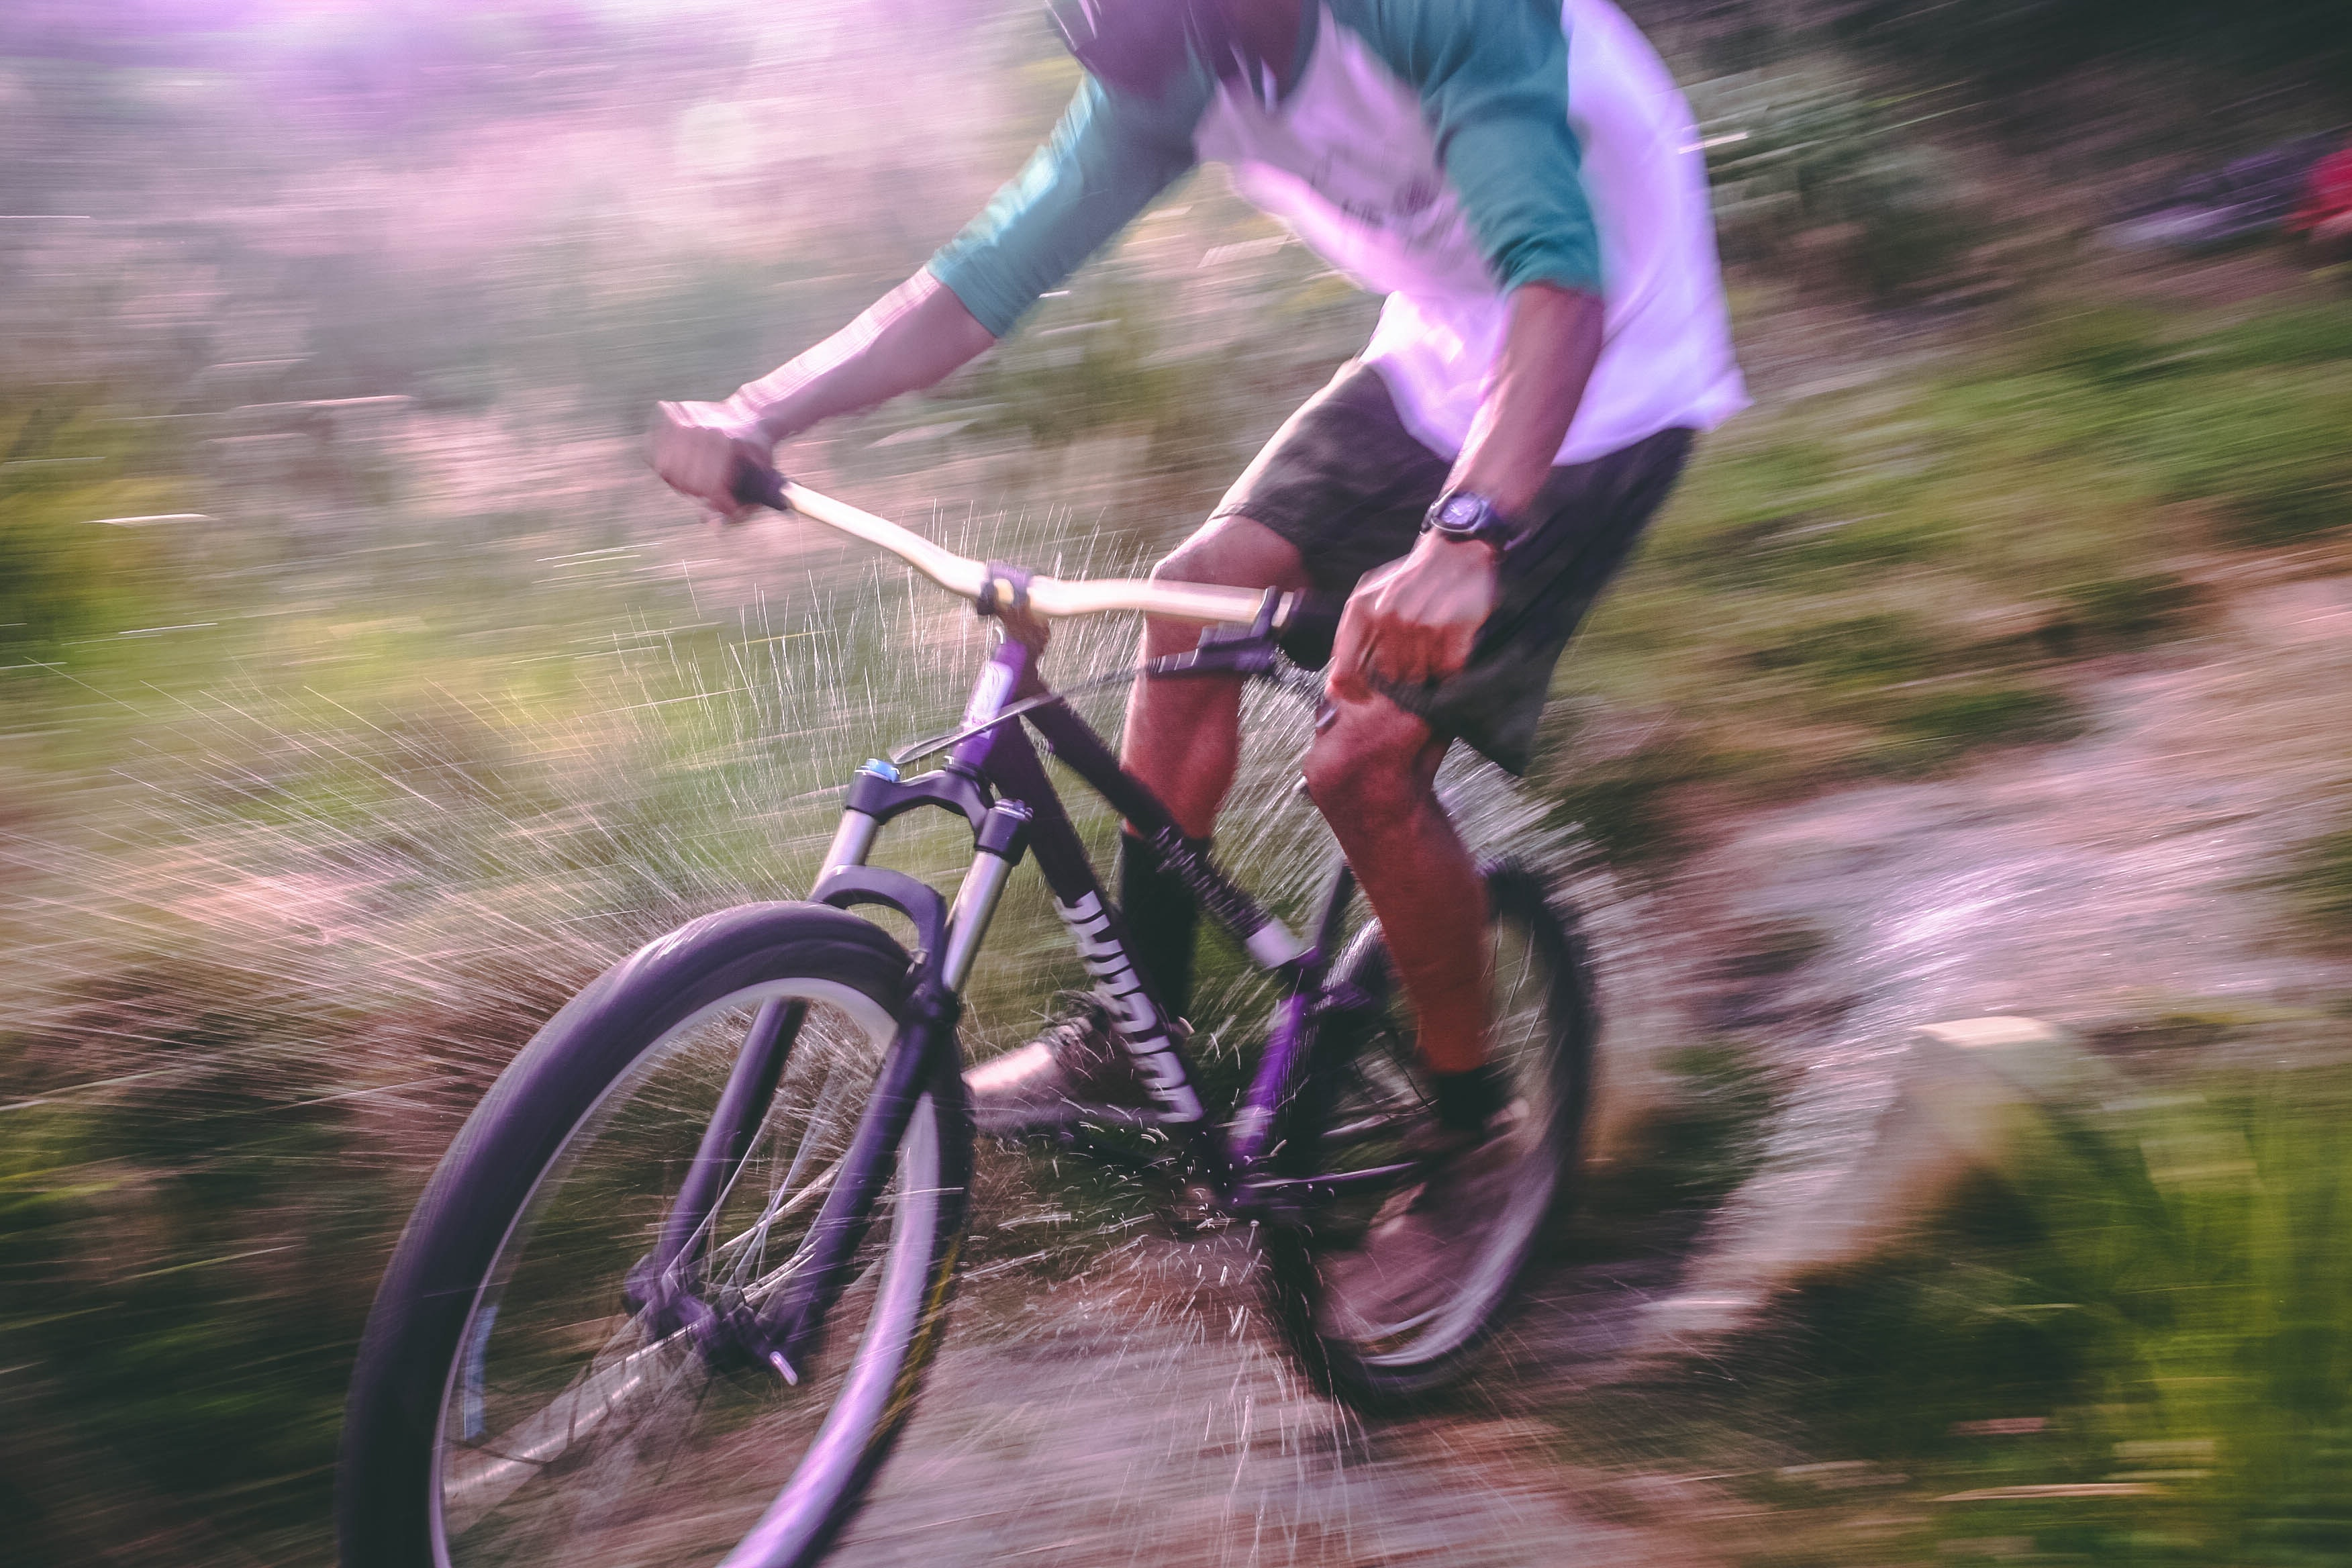 Man riding black and white hardtail mountain bike photo